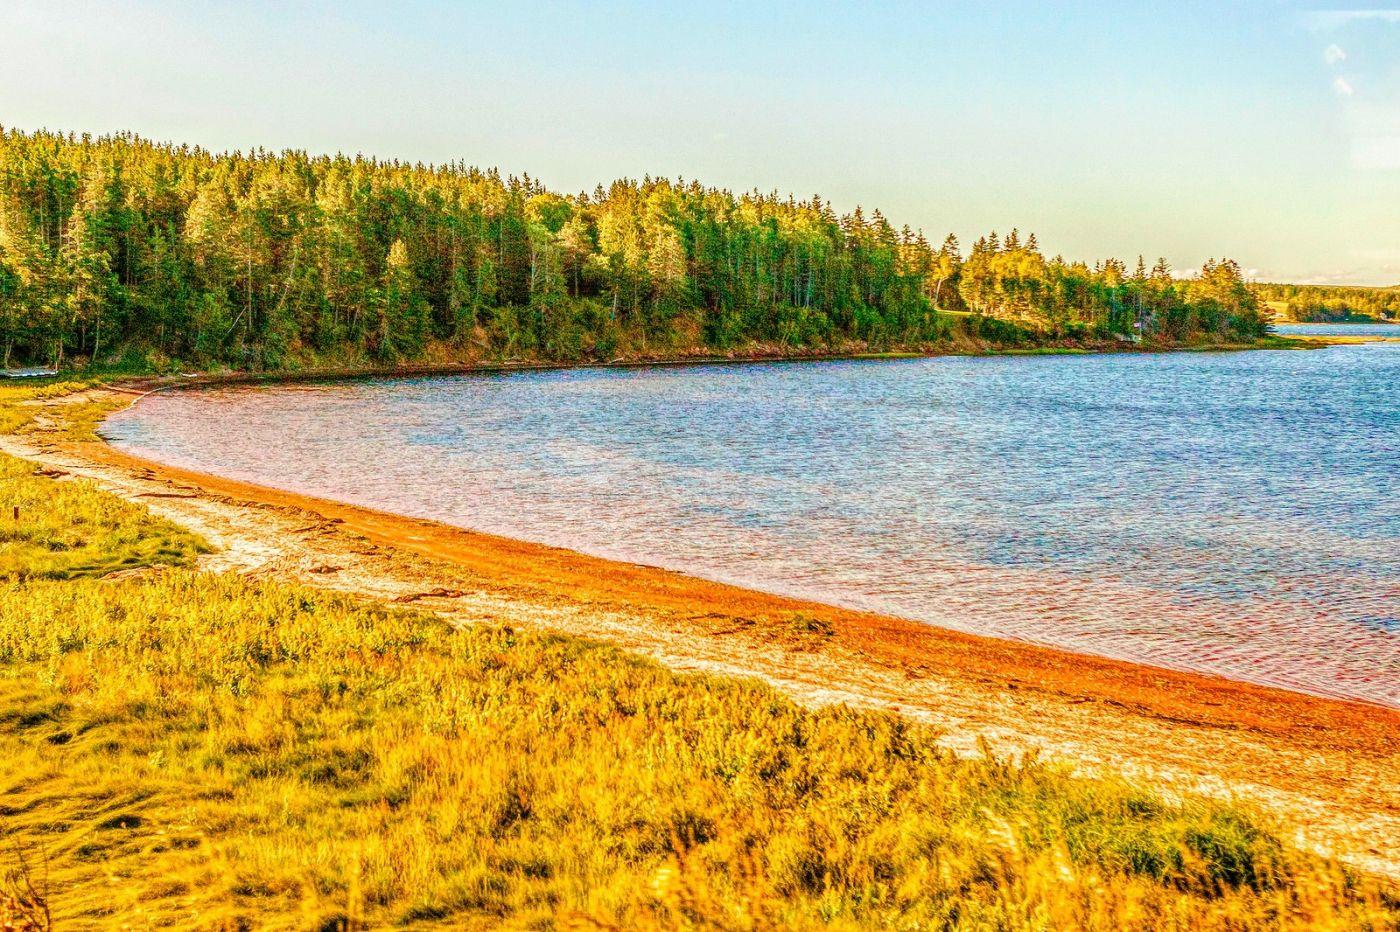 加拿大路途,水边抓拍_图1-11